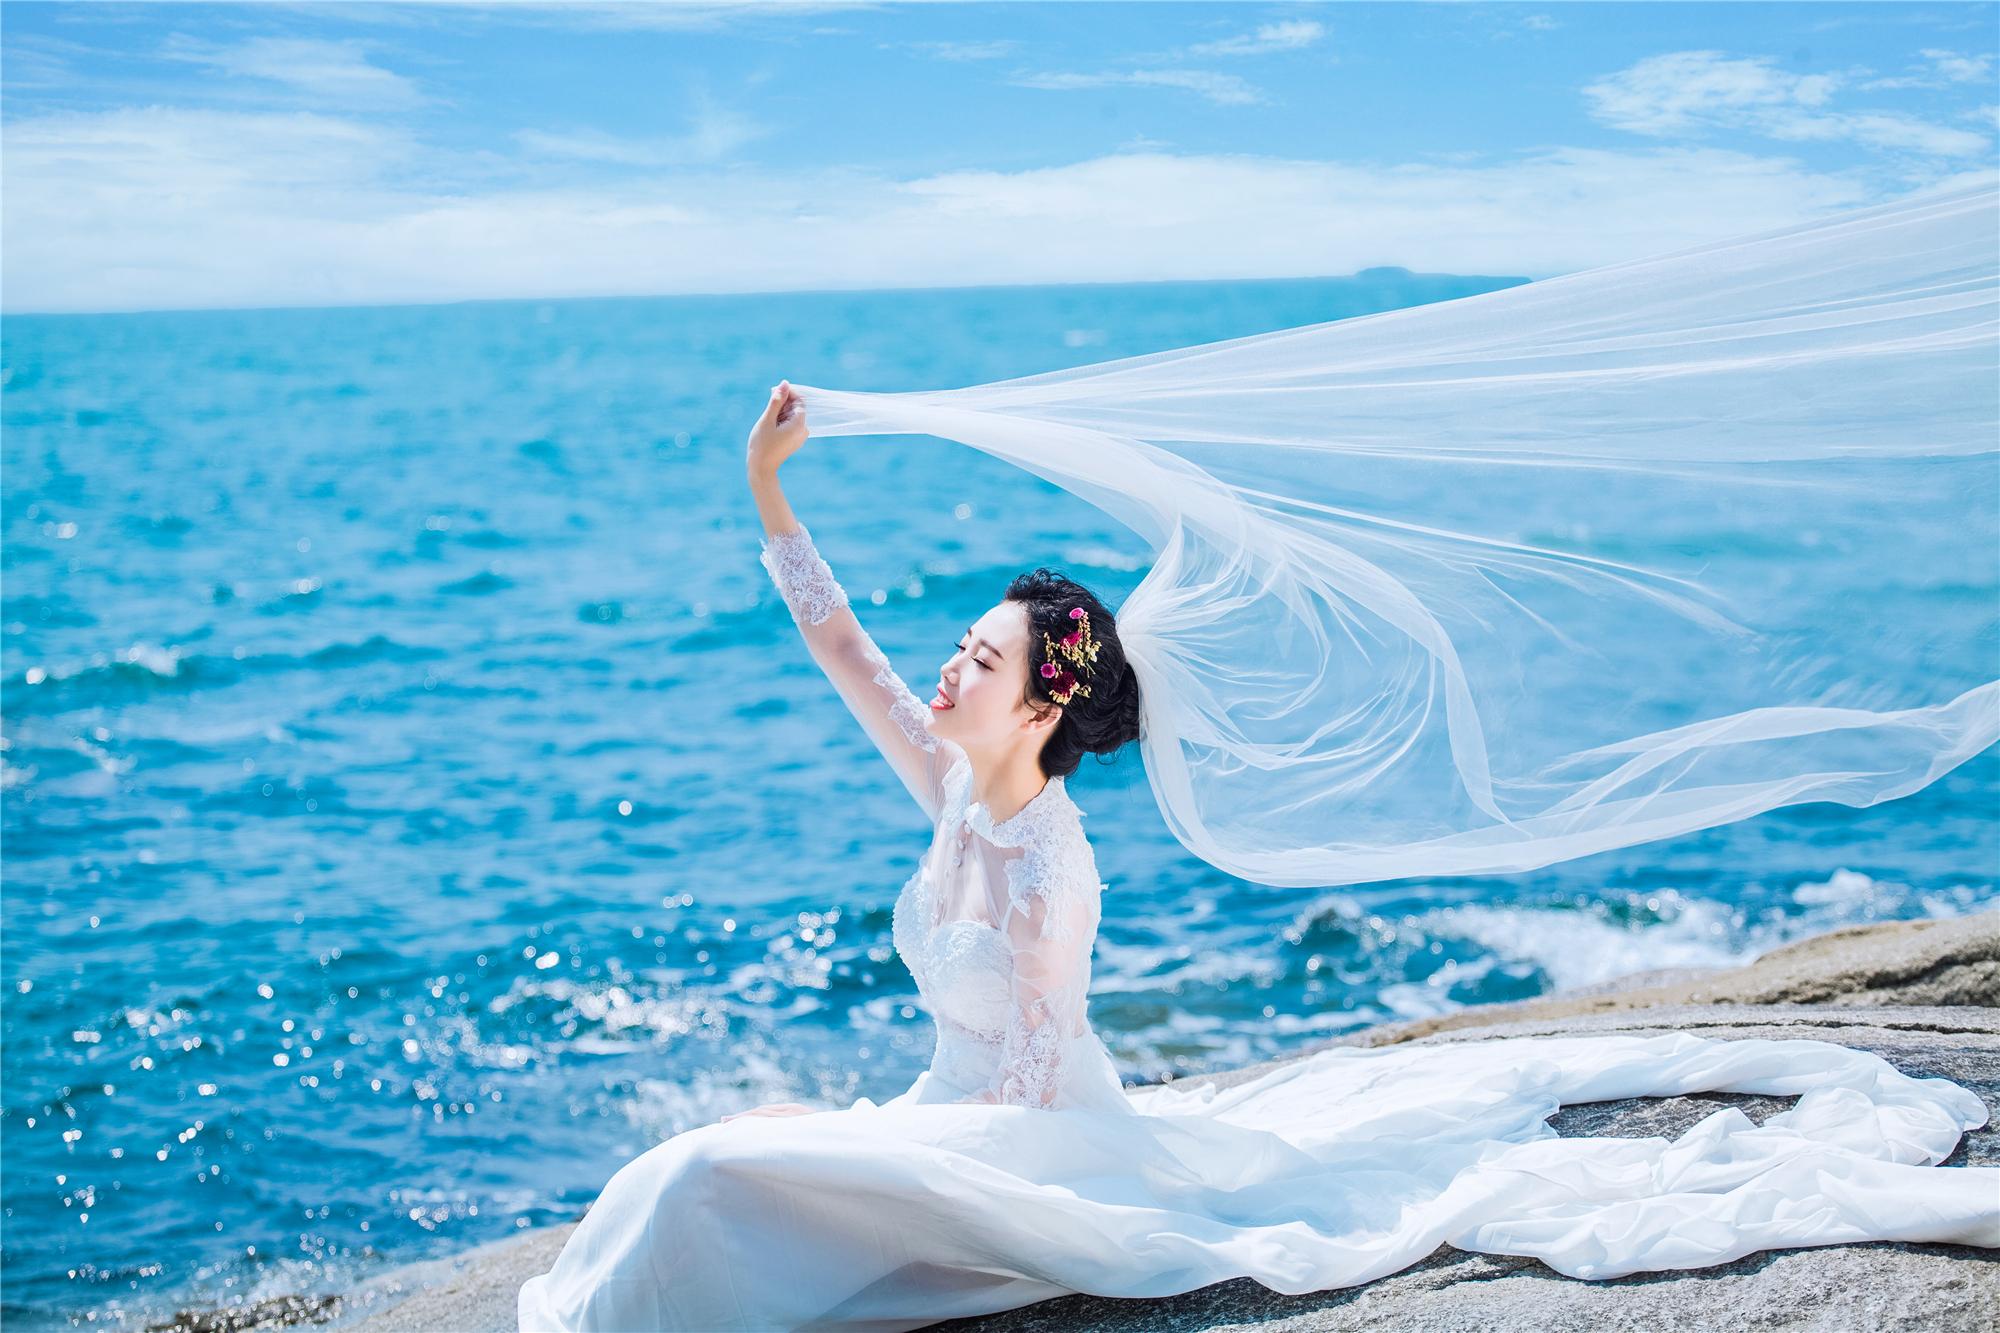 海滩礁石唯美海景婚纱照客片